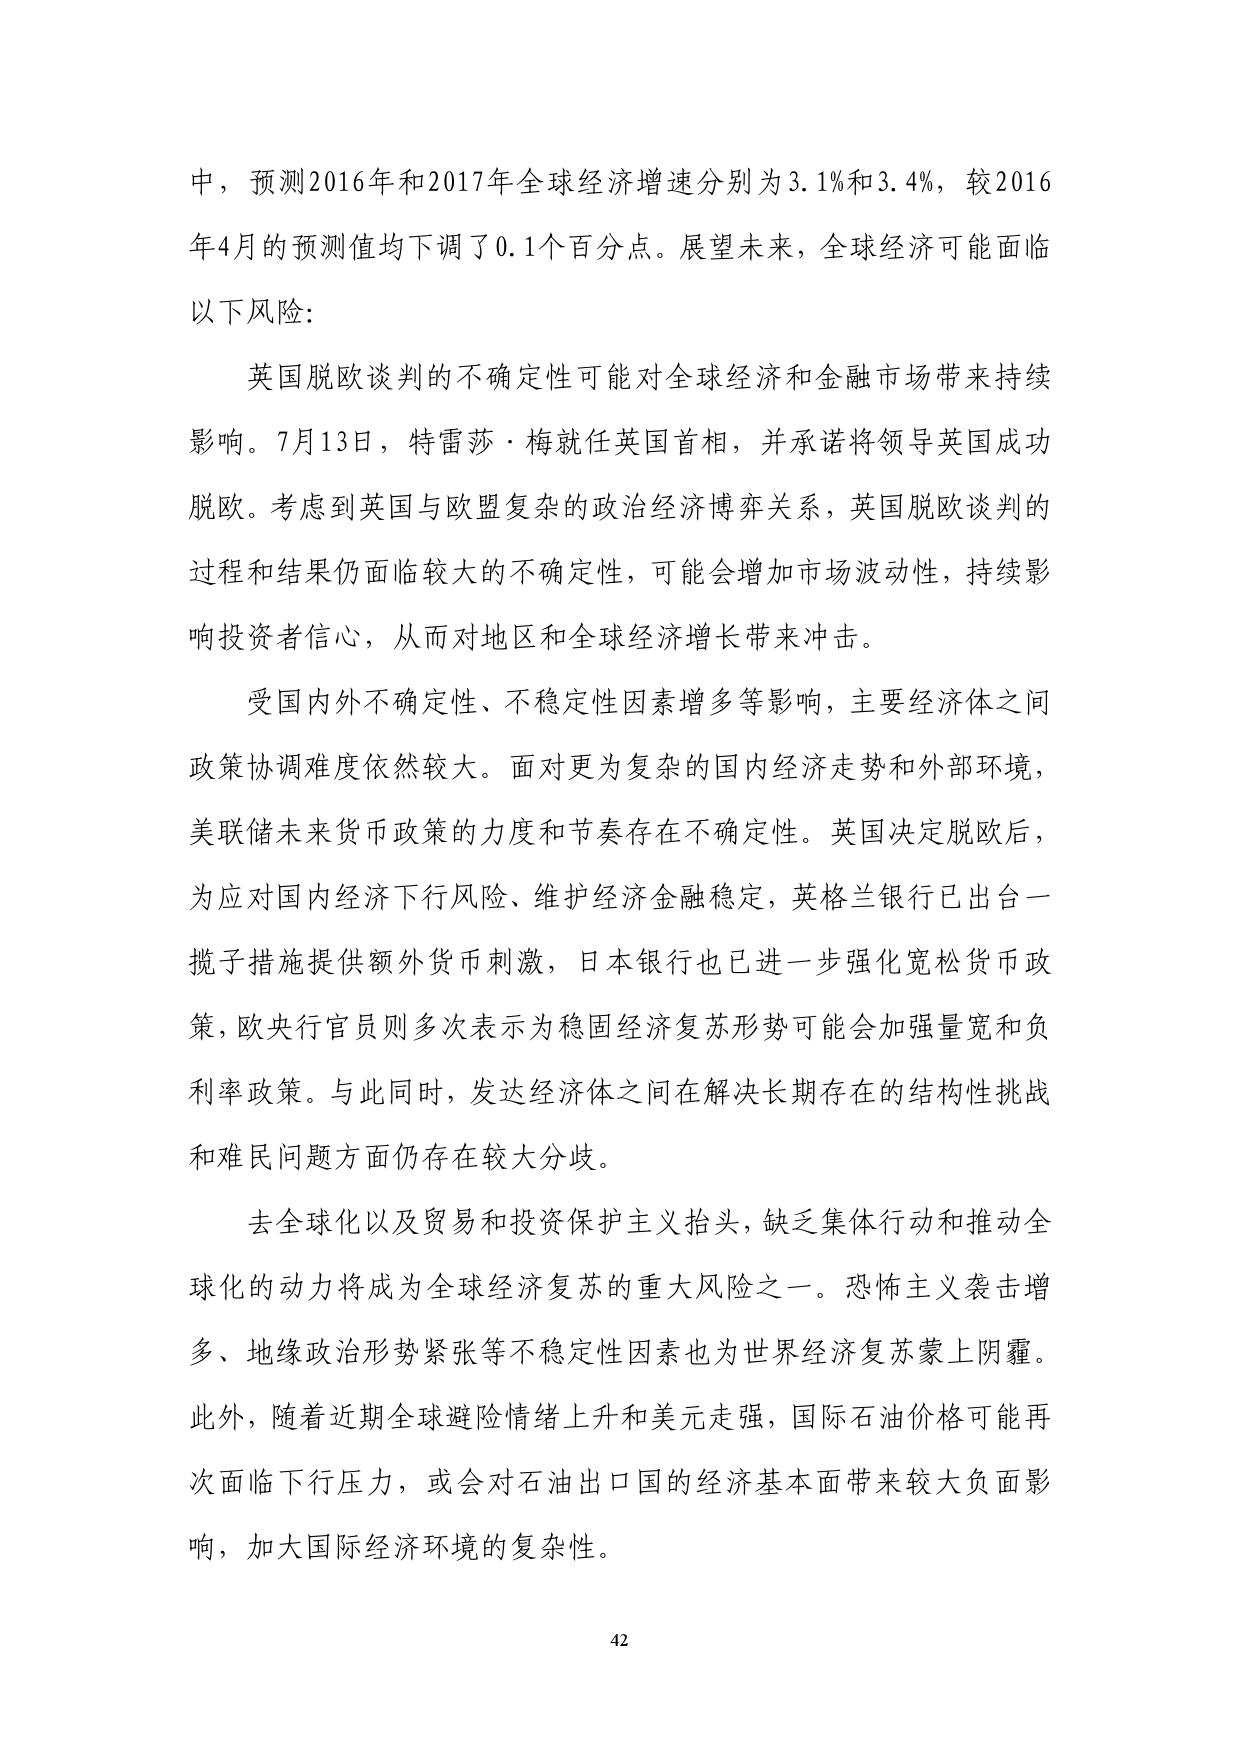 2016年Q2中国货币政策执行报告_000048